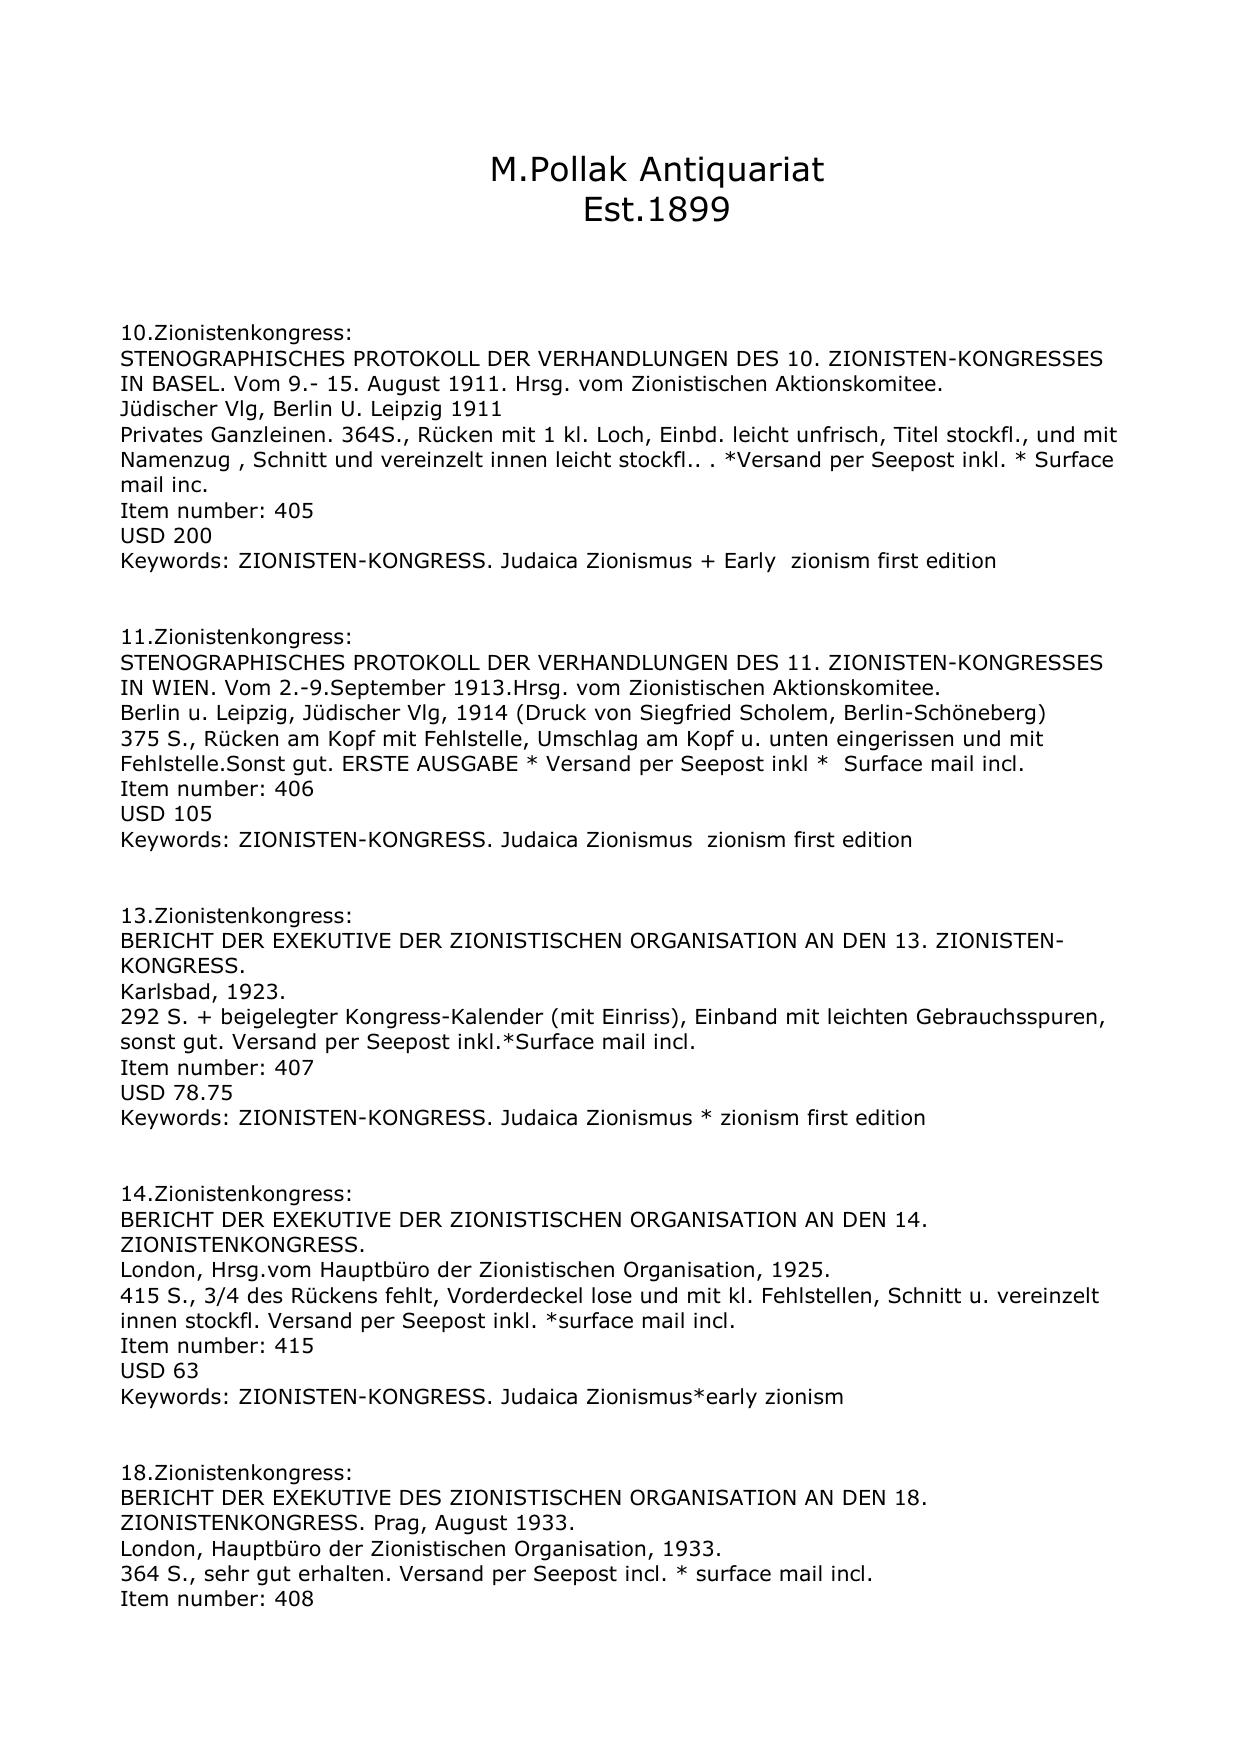 pdf file - M  Pollak